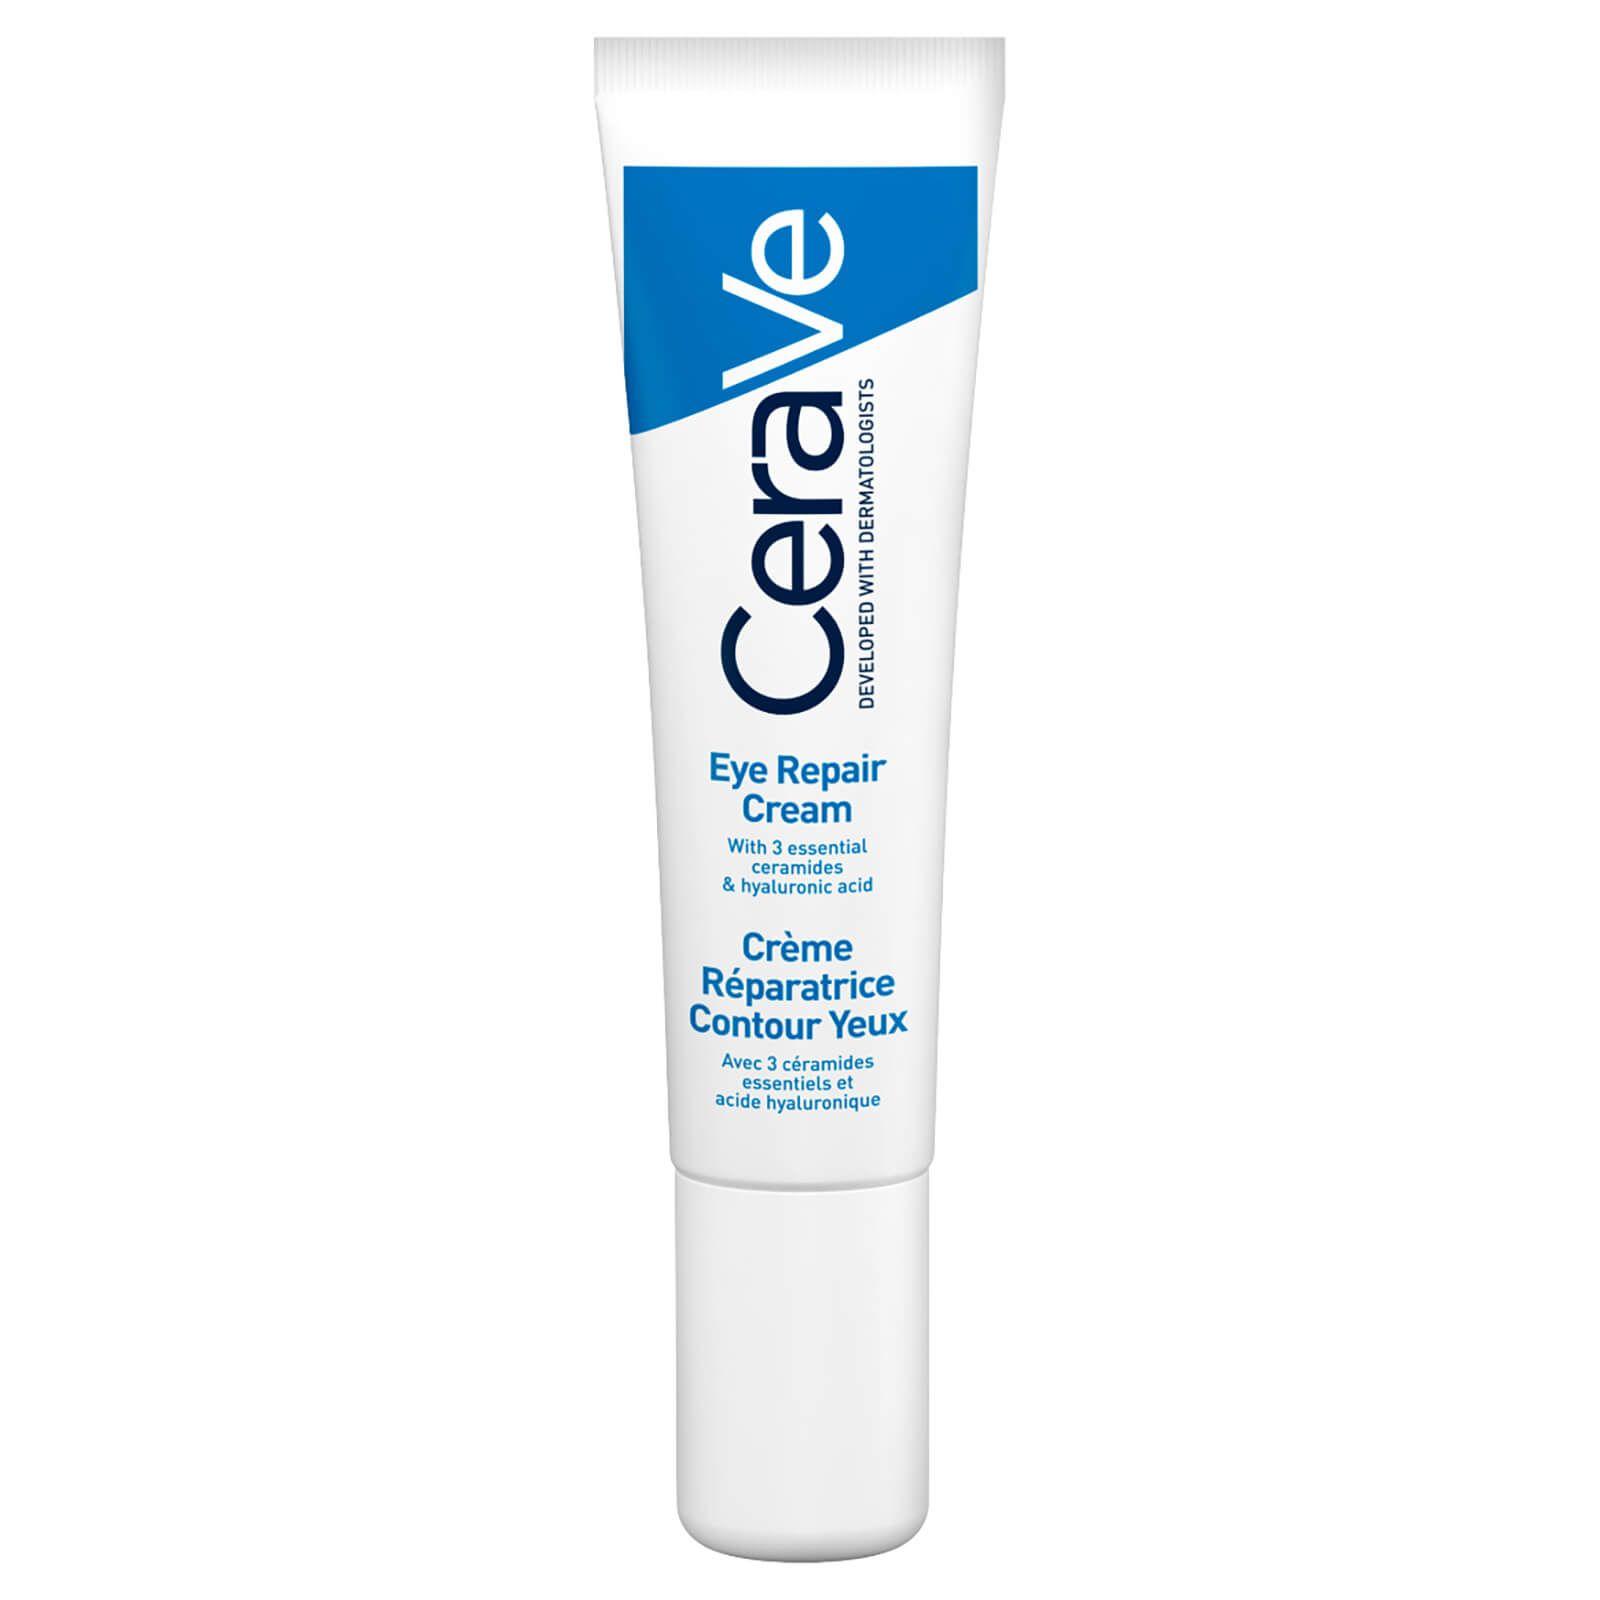 CeraVe Eye Repair Cream 14ml | Dark circle cream, Cerave ...